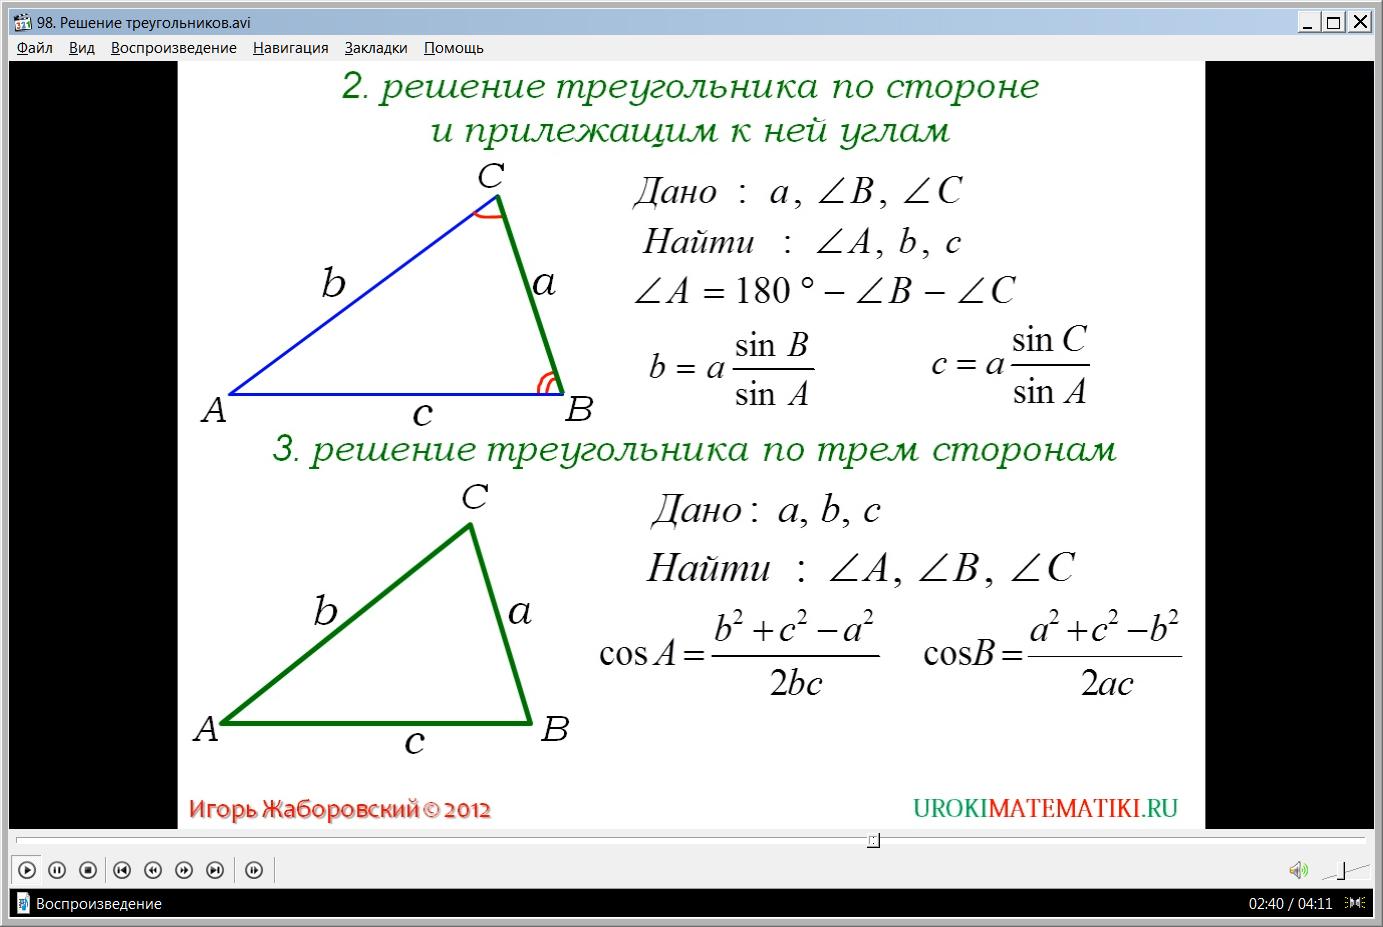 Задачи на треугольники решение генетические задачи на моногибридное скрещивание с решением